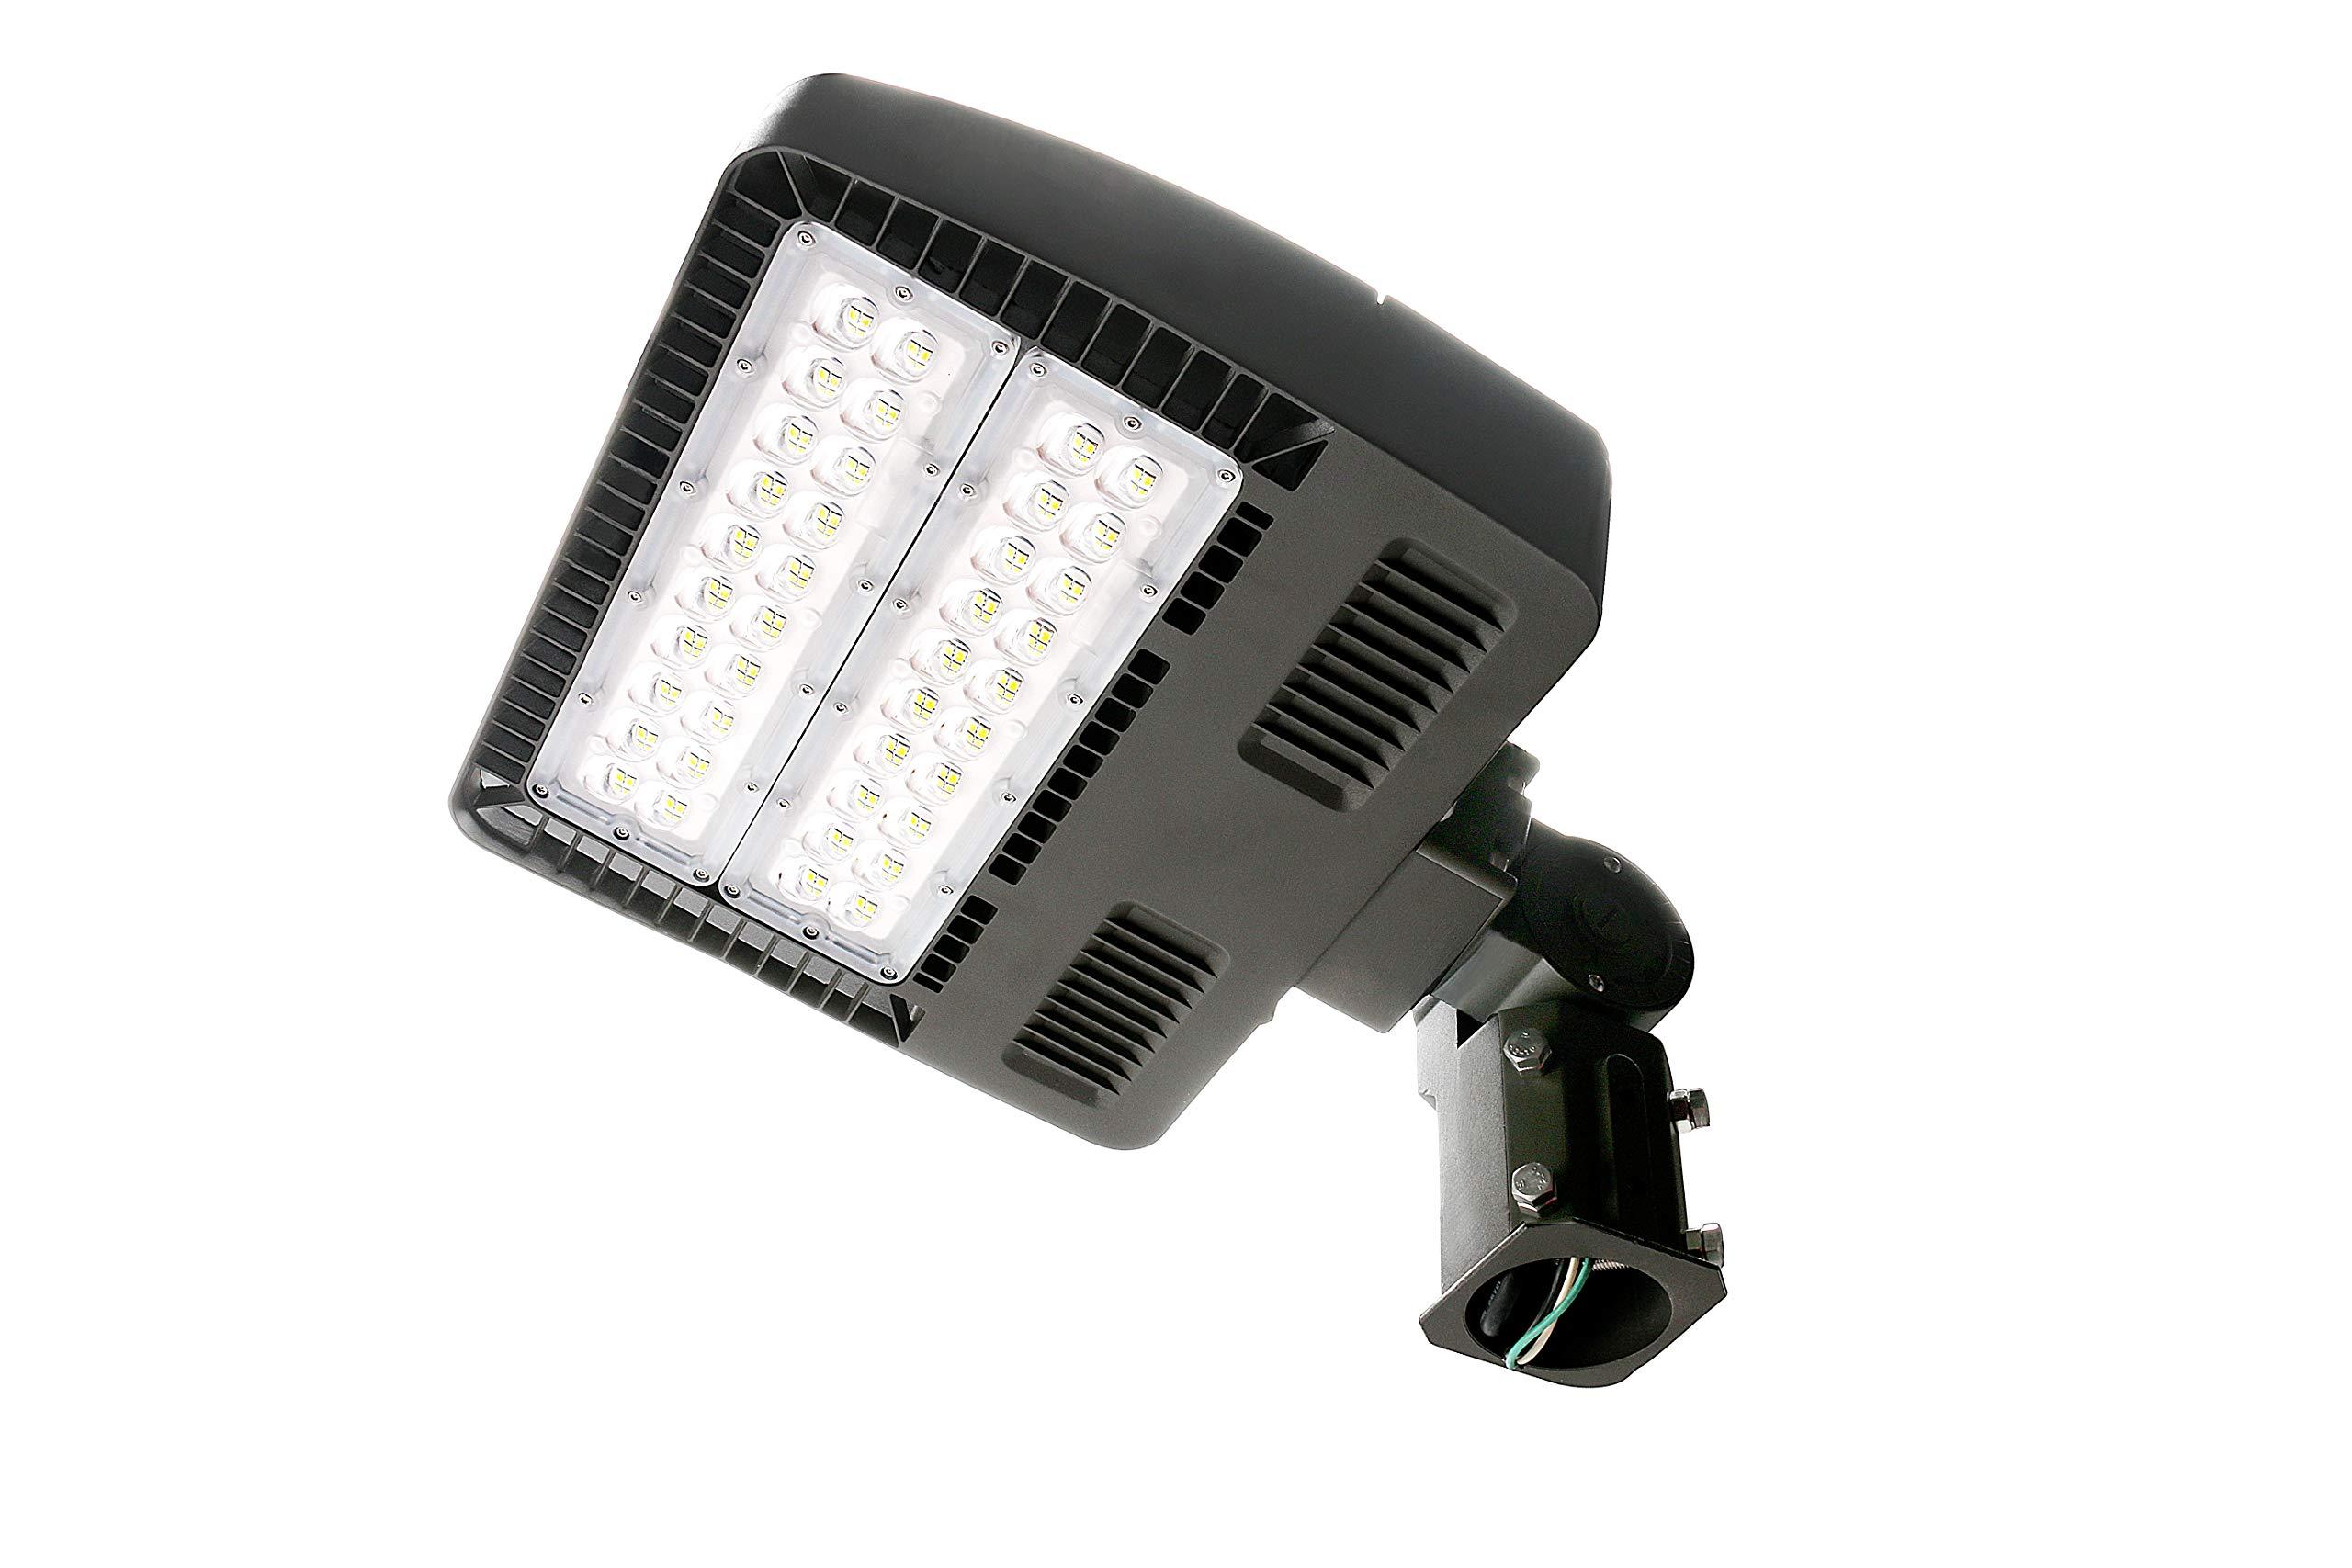 ELECALL LED Parking Lot Light, 150W/18100Lumen, 5000K, Waterproof, IP65, 120-277V, Slip Fitter, ETL-Listed